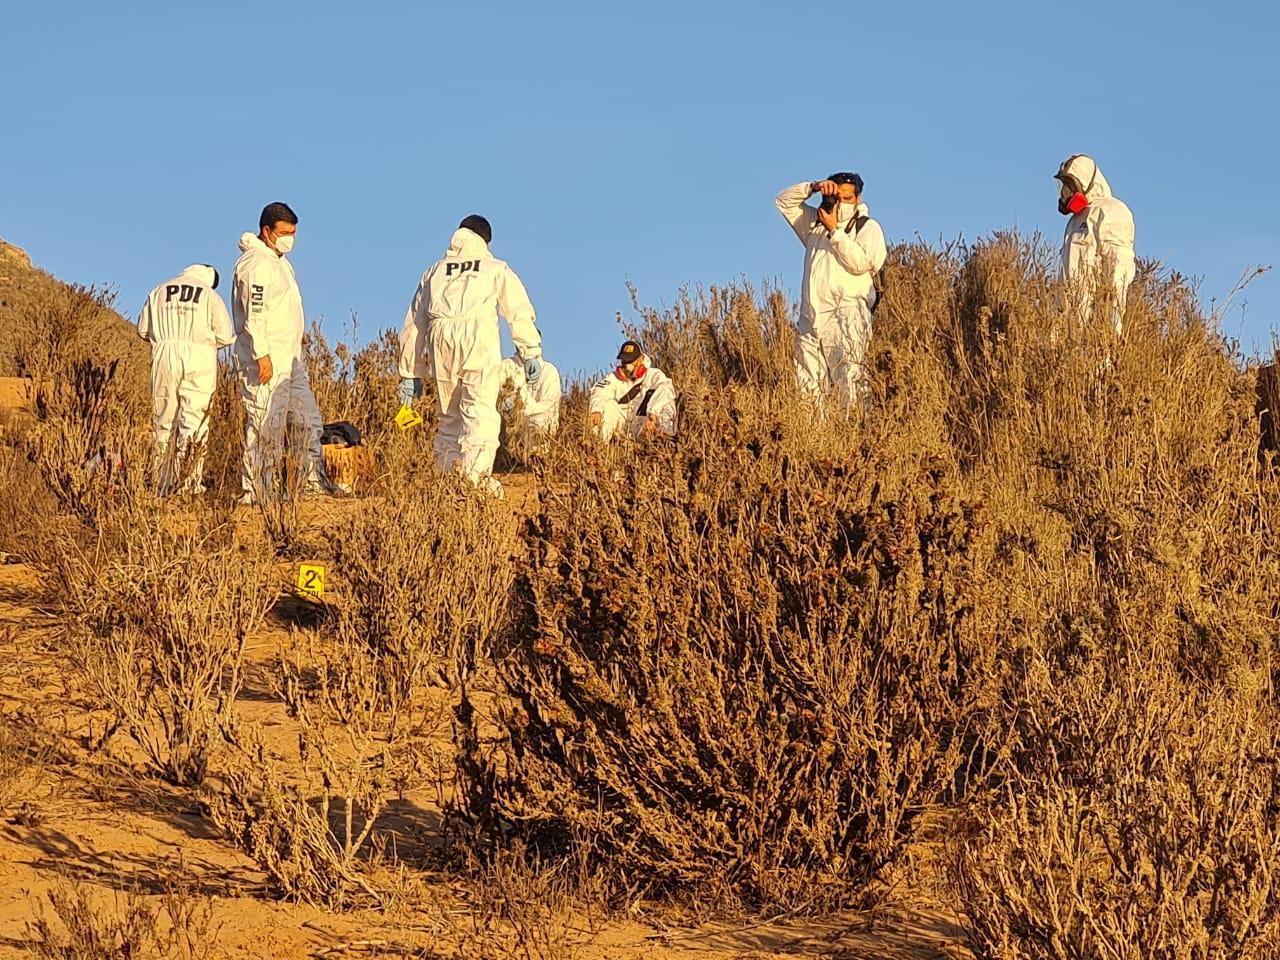 Identifican cuerpo de joven encontrado en sector de la Quebrada del Jardín en Las Compañías